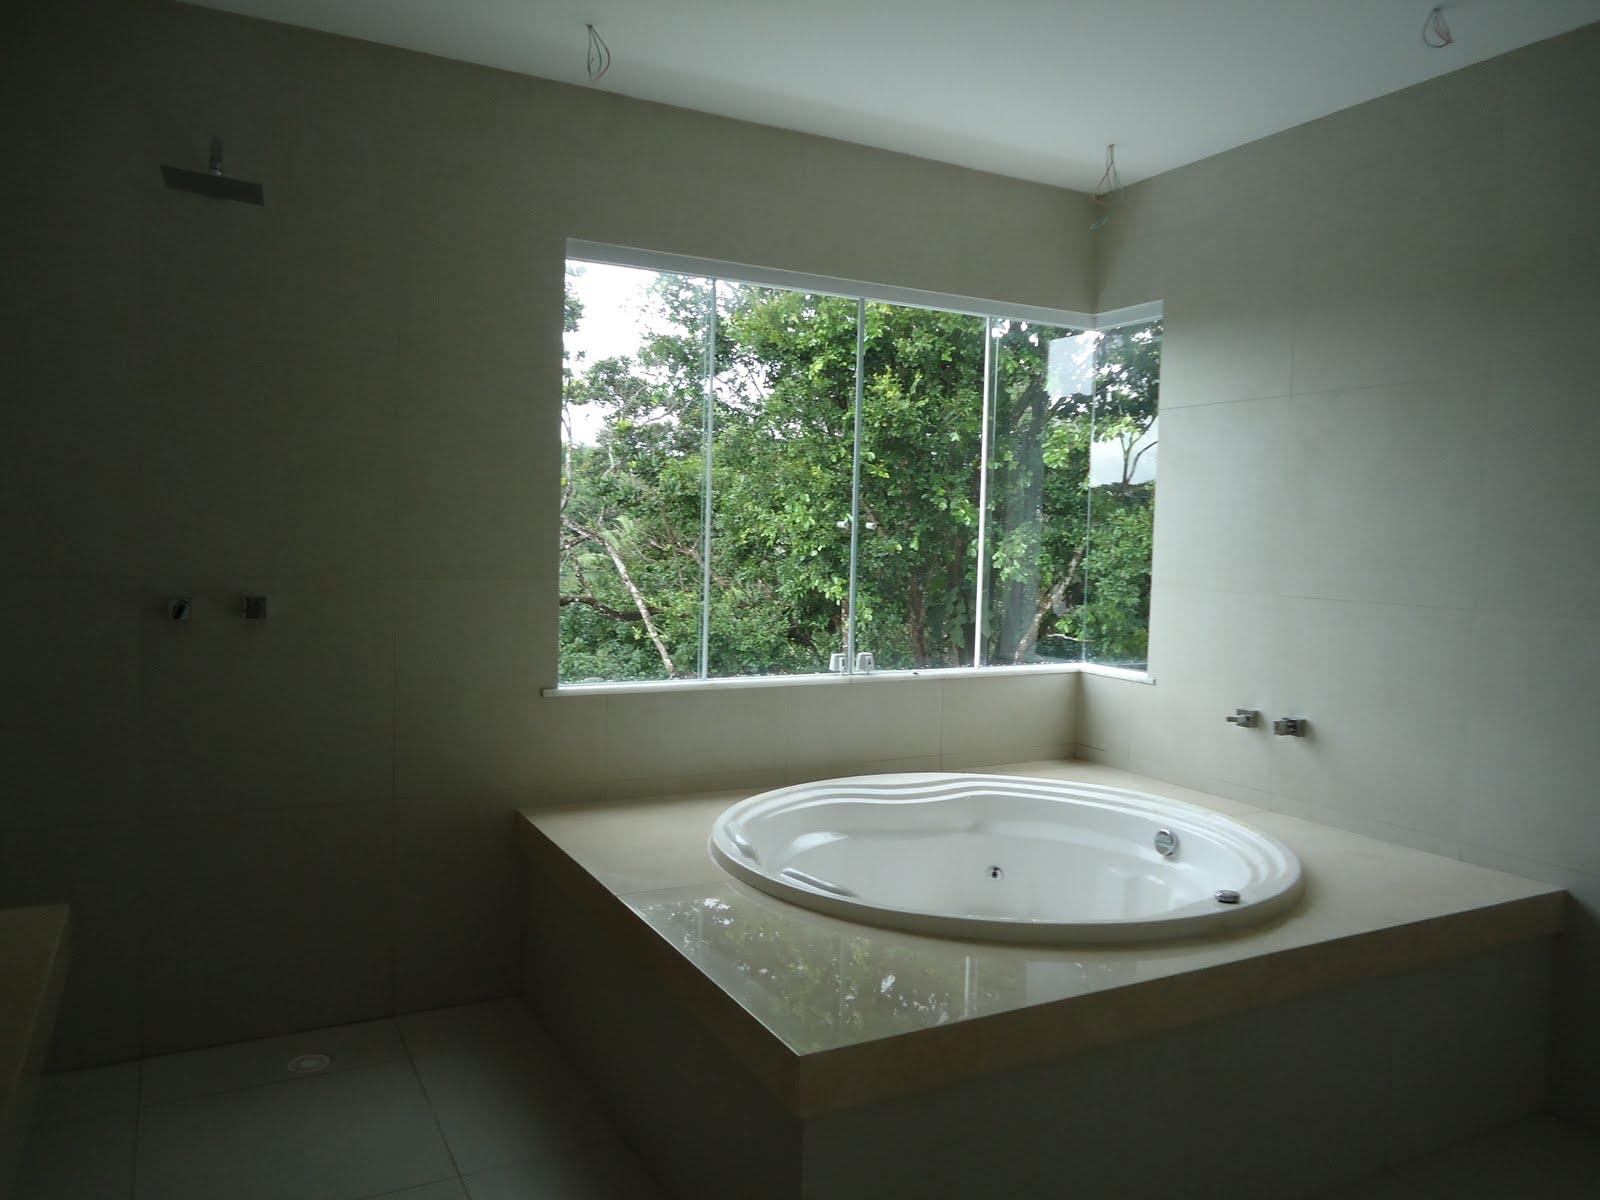 bancada da pia e banheira em granito crema marfim banheira de hidro  #5C694E 1600x1200 Banheiro Com Banheira E Tv